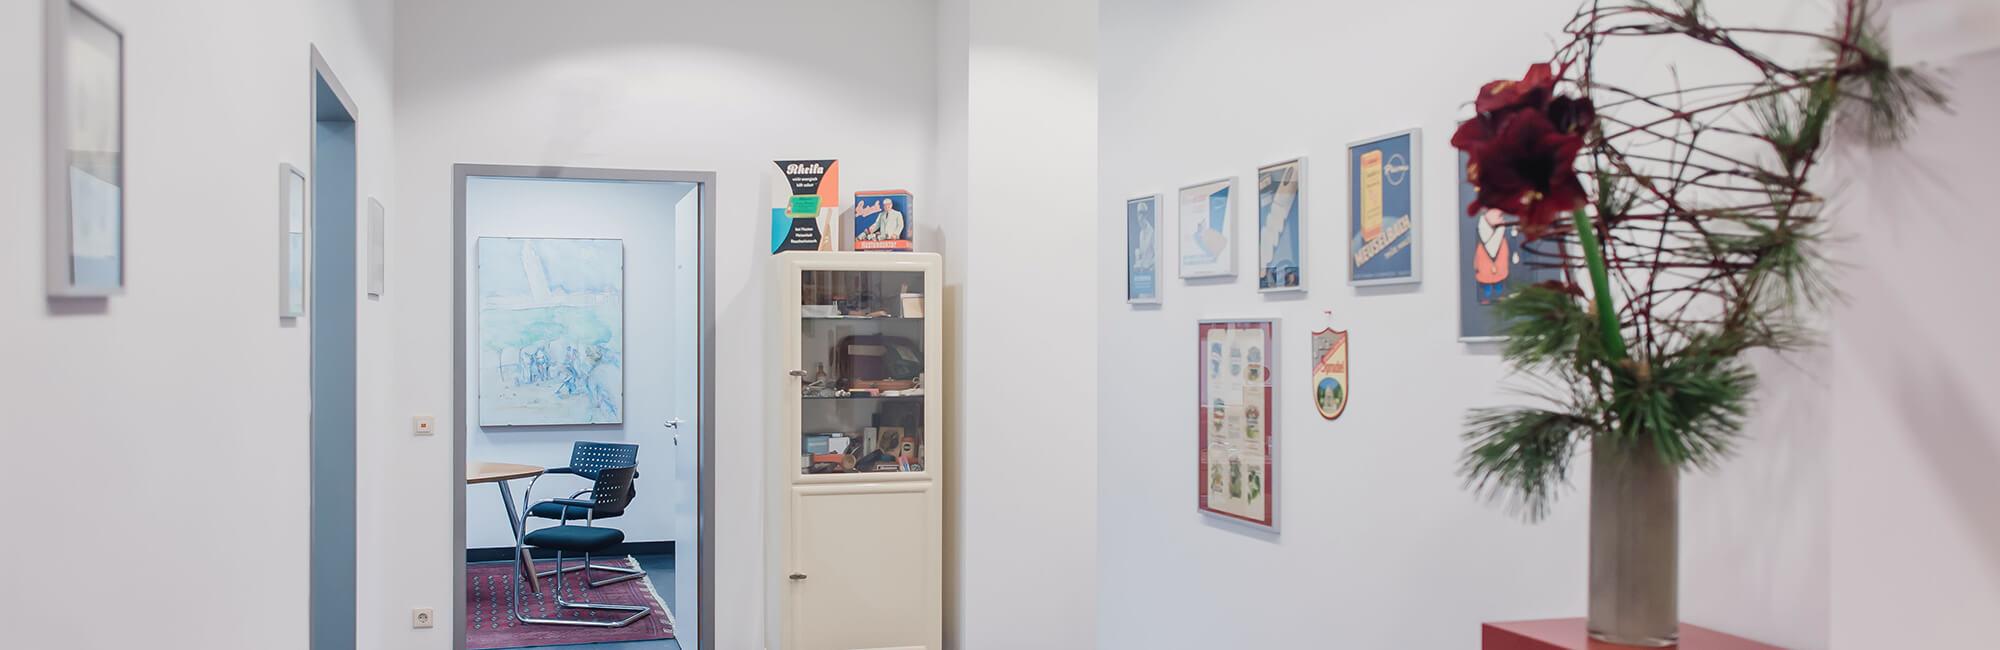 Internisten Groß-Gerau - Anschütz / Chenchanna - Slider Praxis